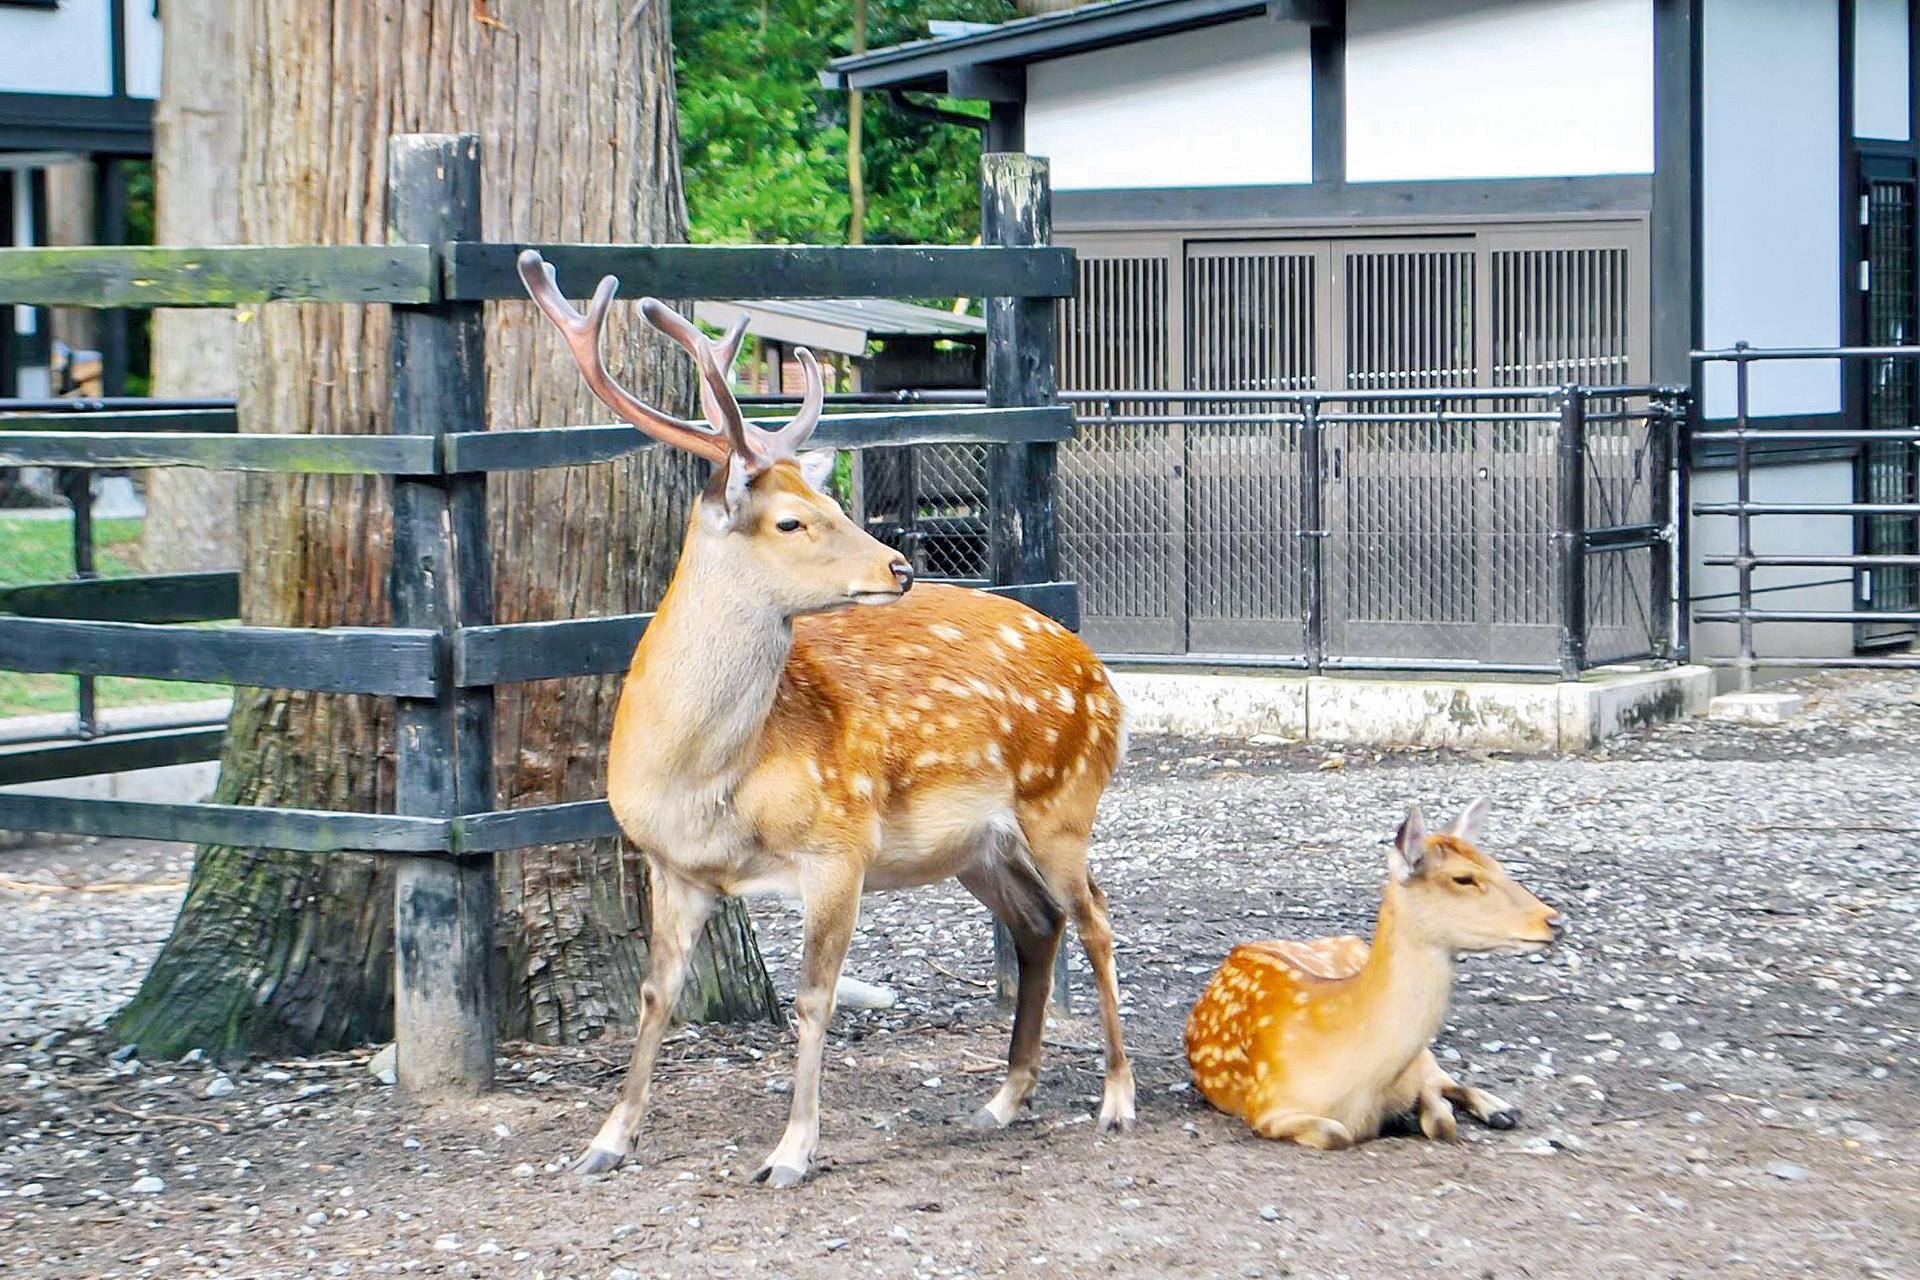 Yahiko Shrine Deer Park